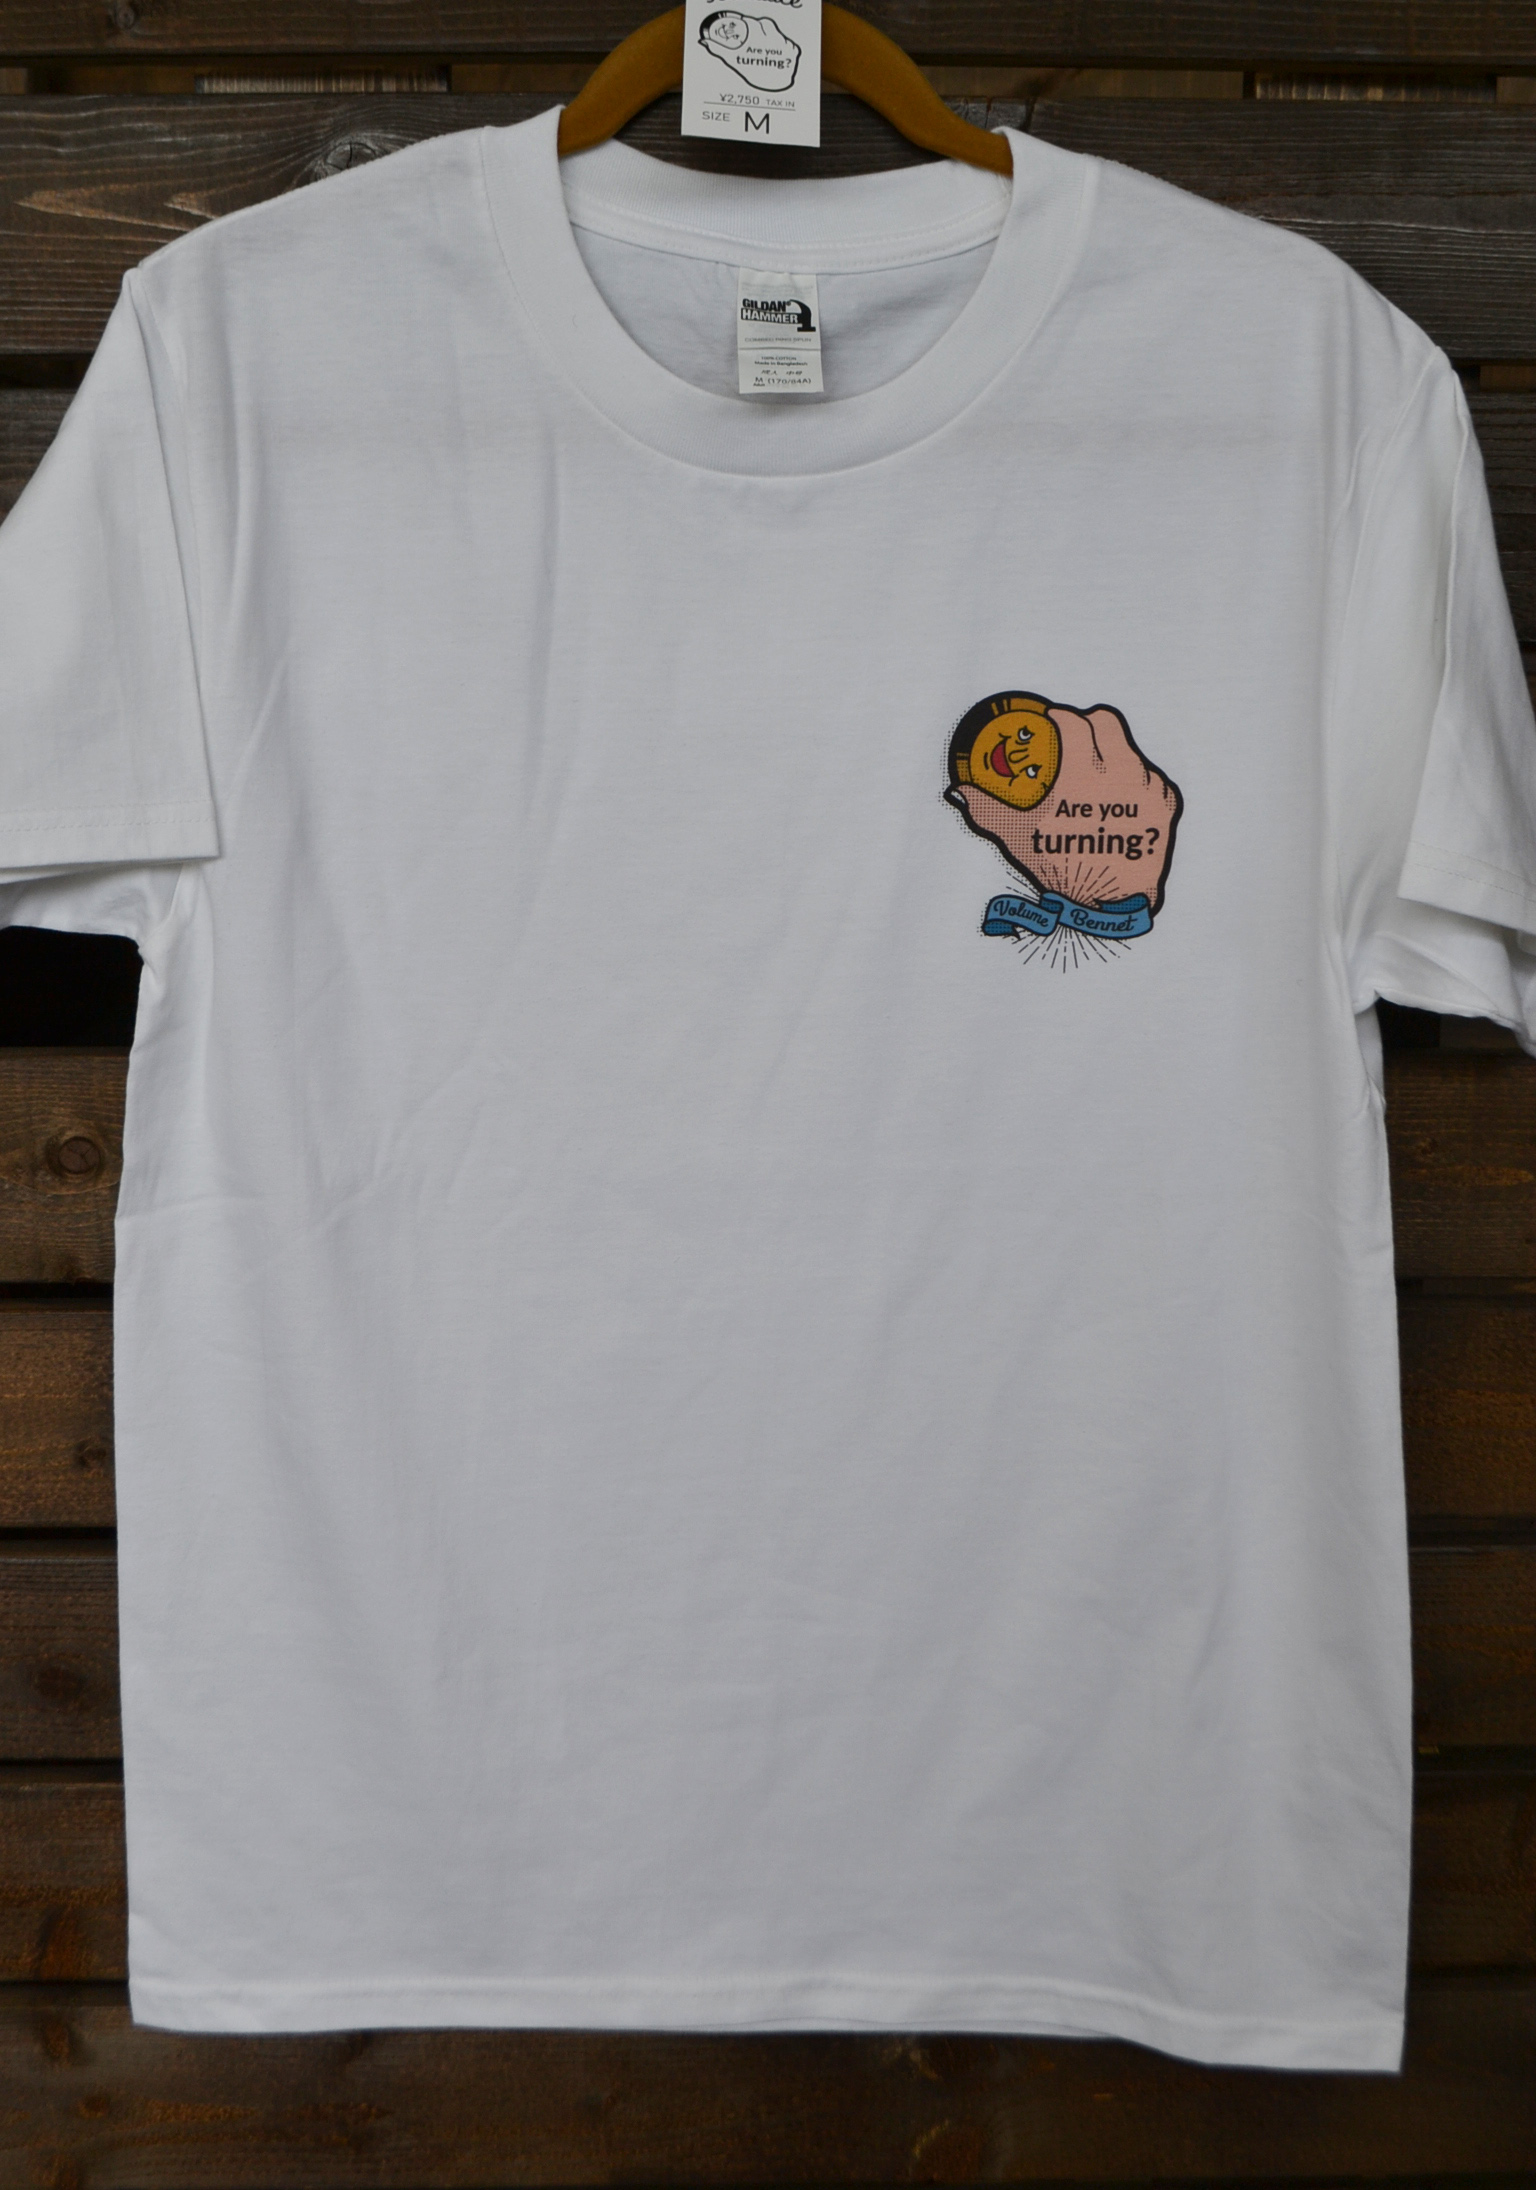 ★数量限定/送料無料★ VolumeBennet T-shirt / 心のボリューム上げていこうよプロジェクト